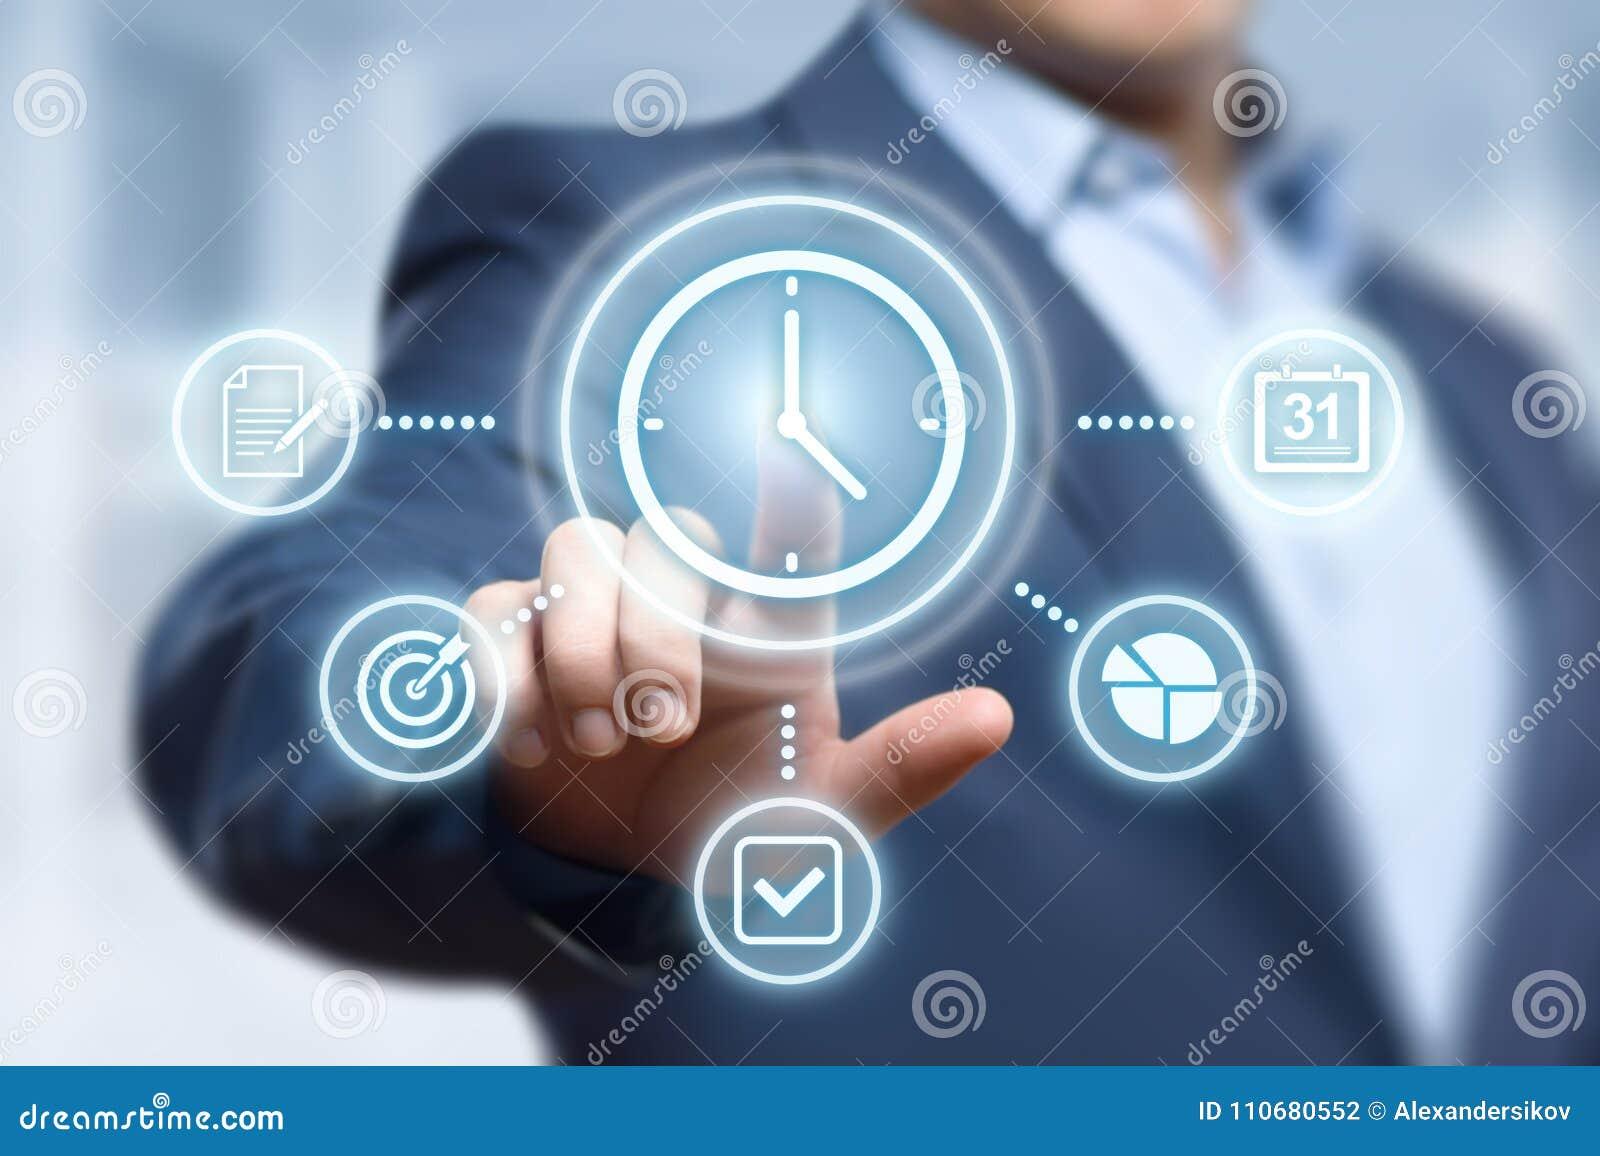 时间安排项目效率战略目标企业技术互联网概念